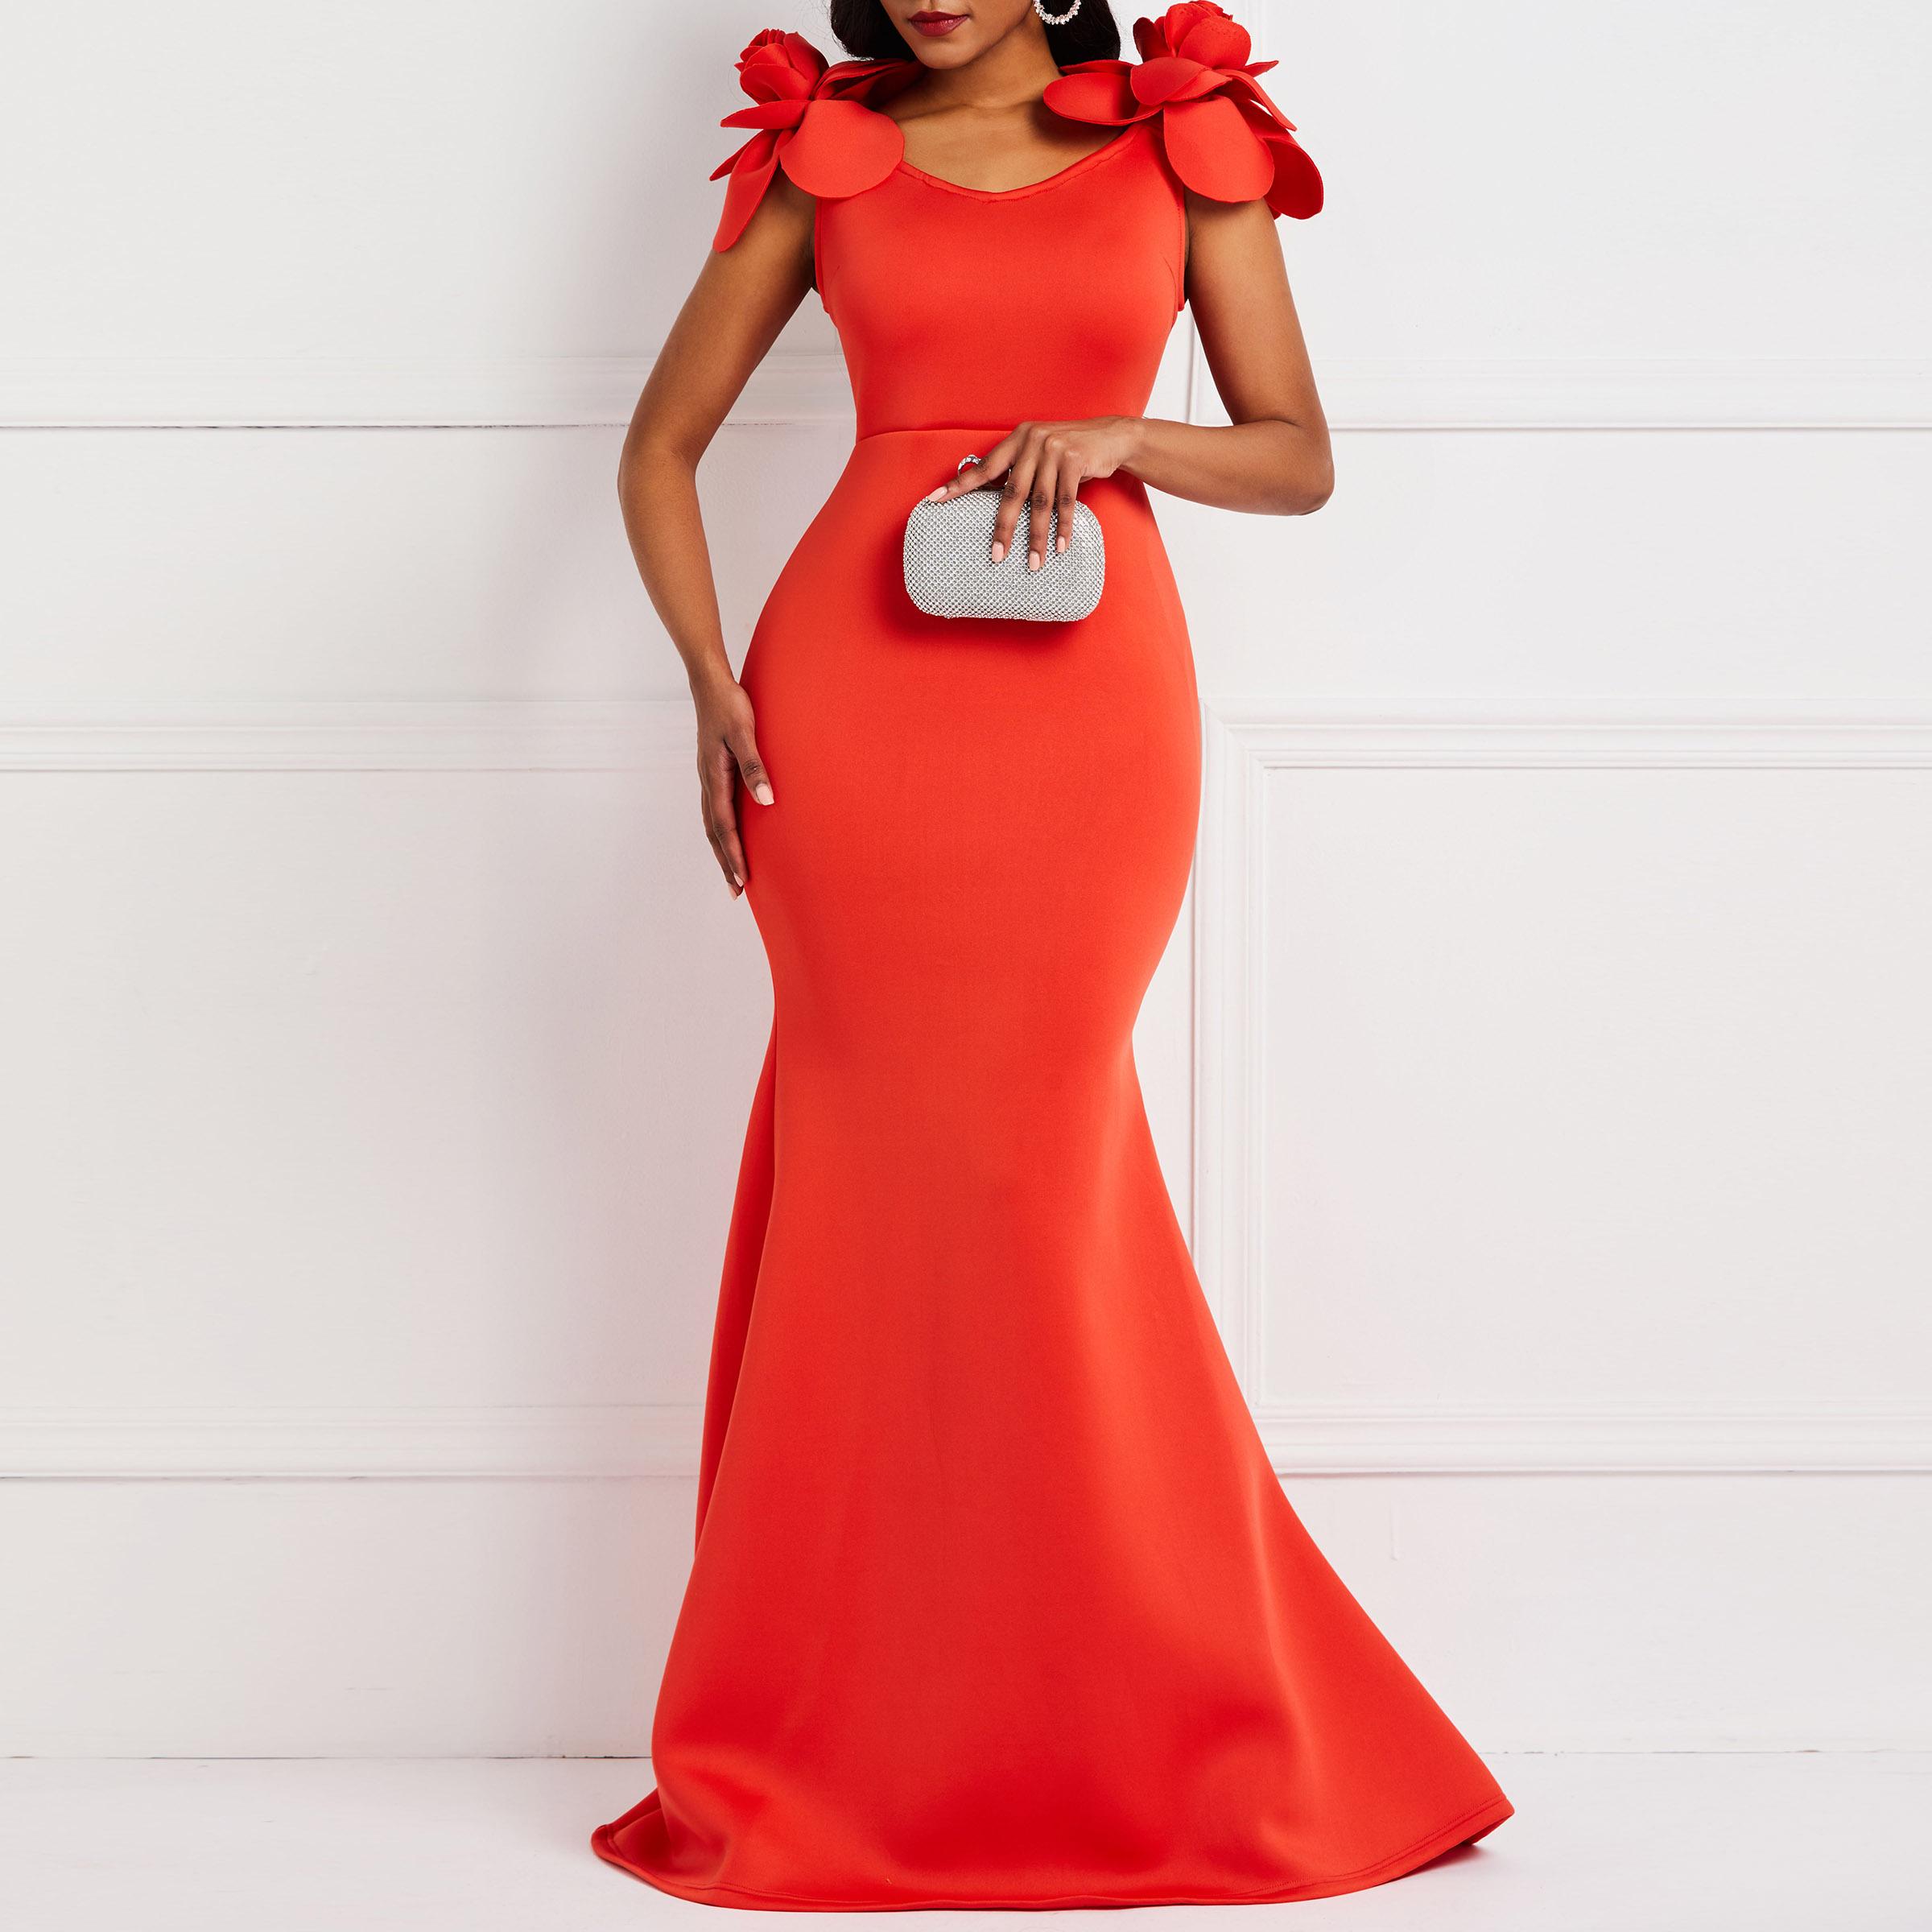 Clocolor femmes Sexy robe dames rétro sirène Maxi robe fleur été élégant élégant grande taille moulante rouge longues robes de soirée